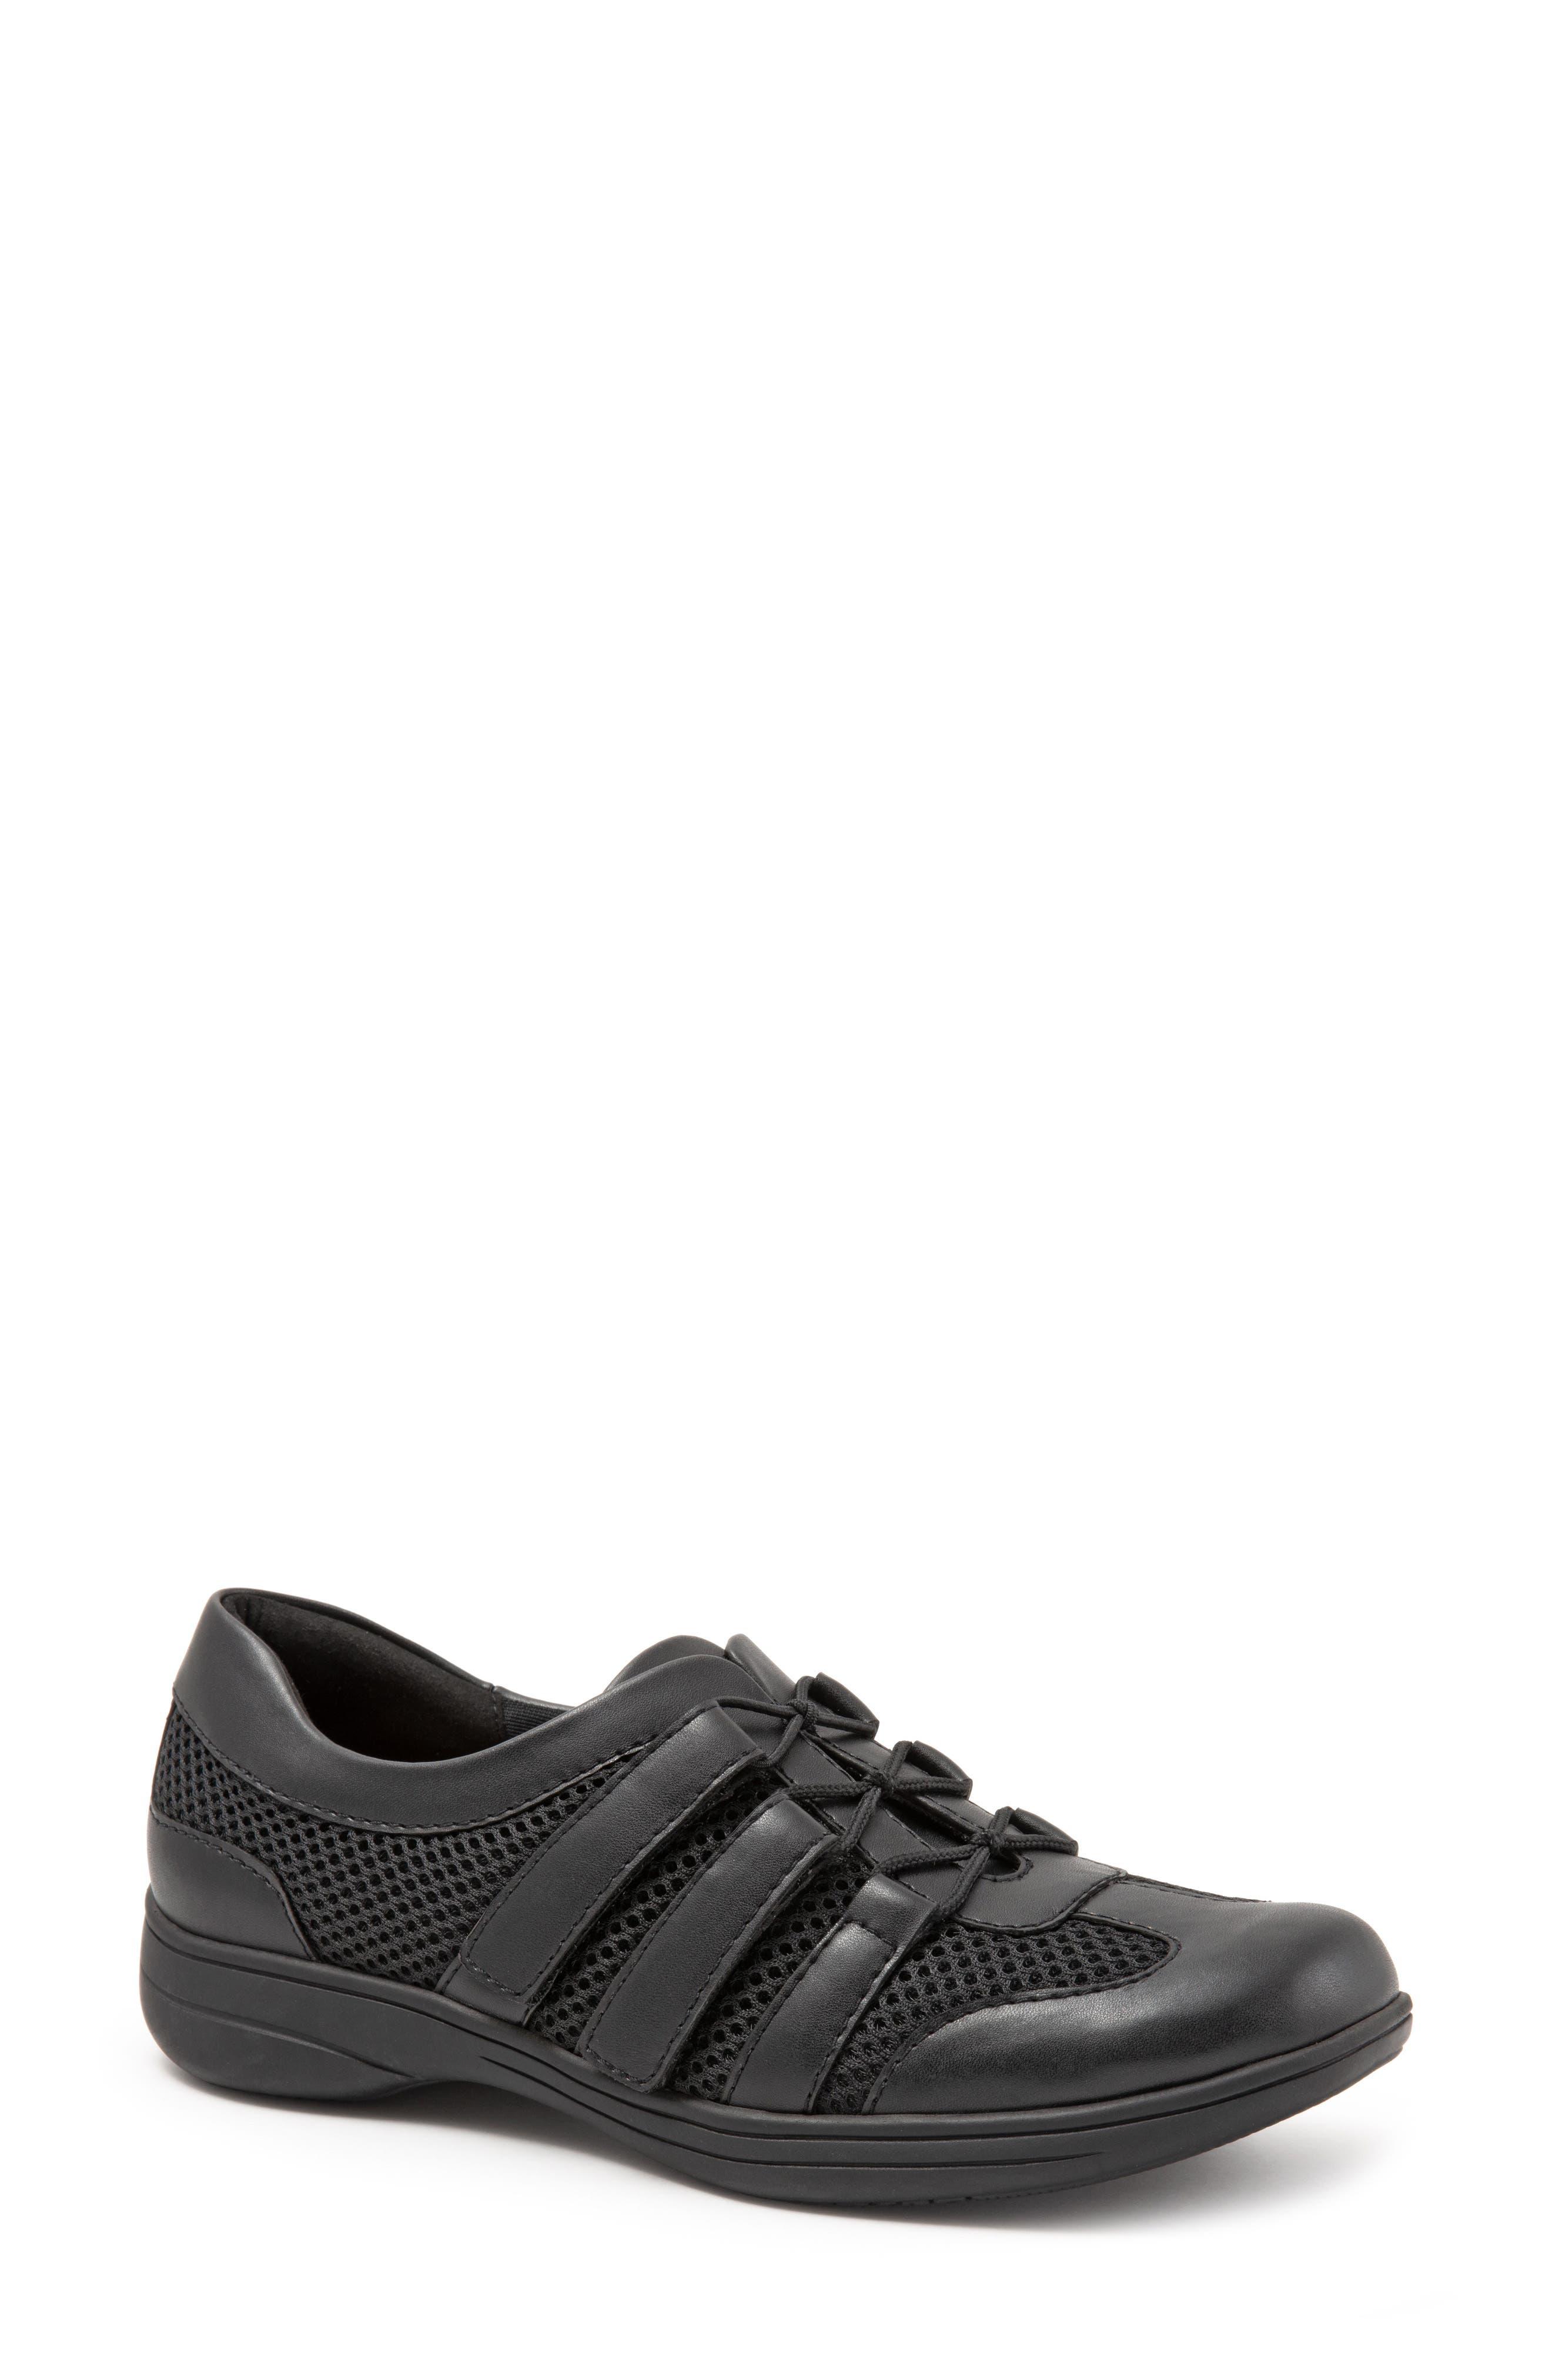 Trotters Joy Slip-On Sneaker, Black